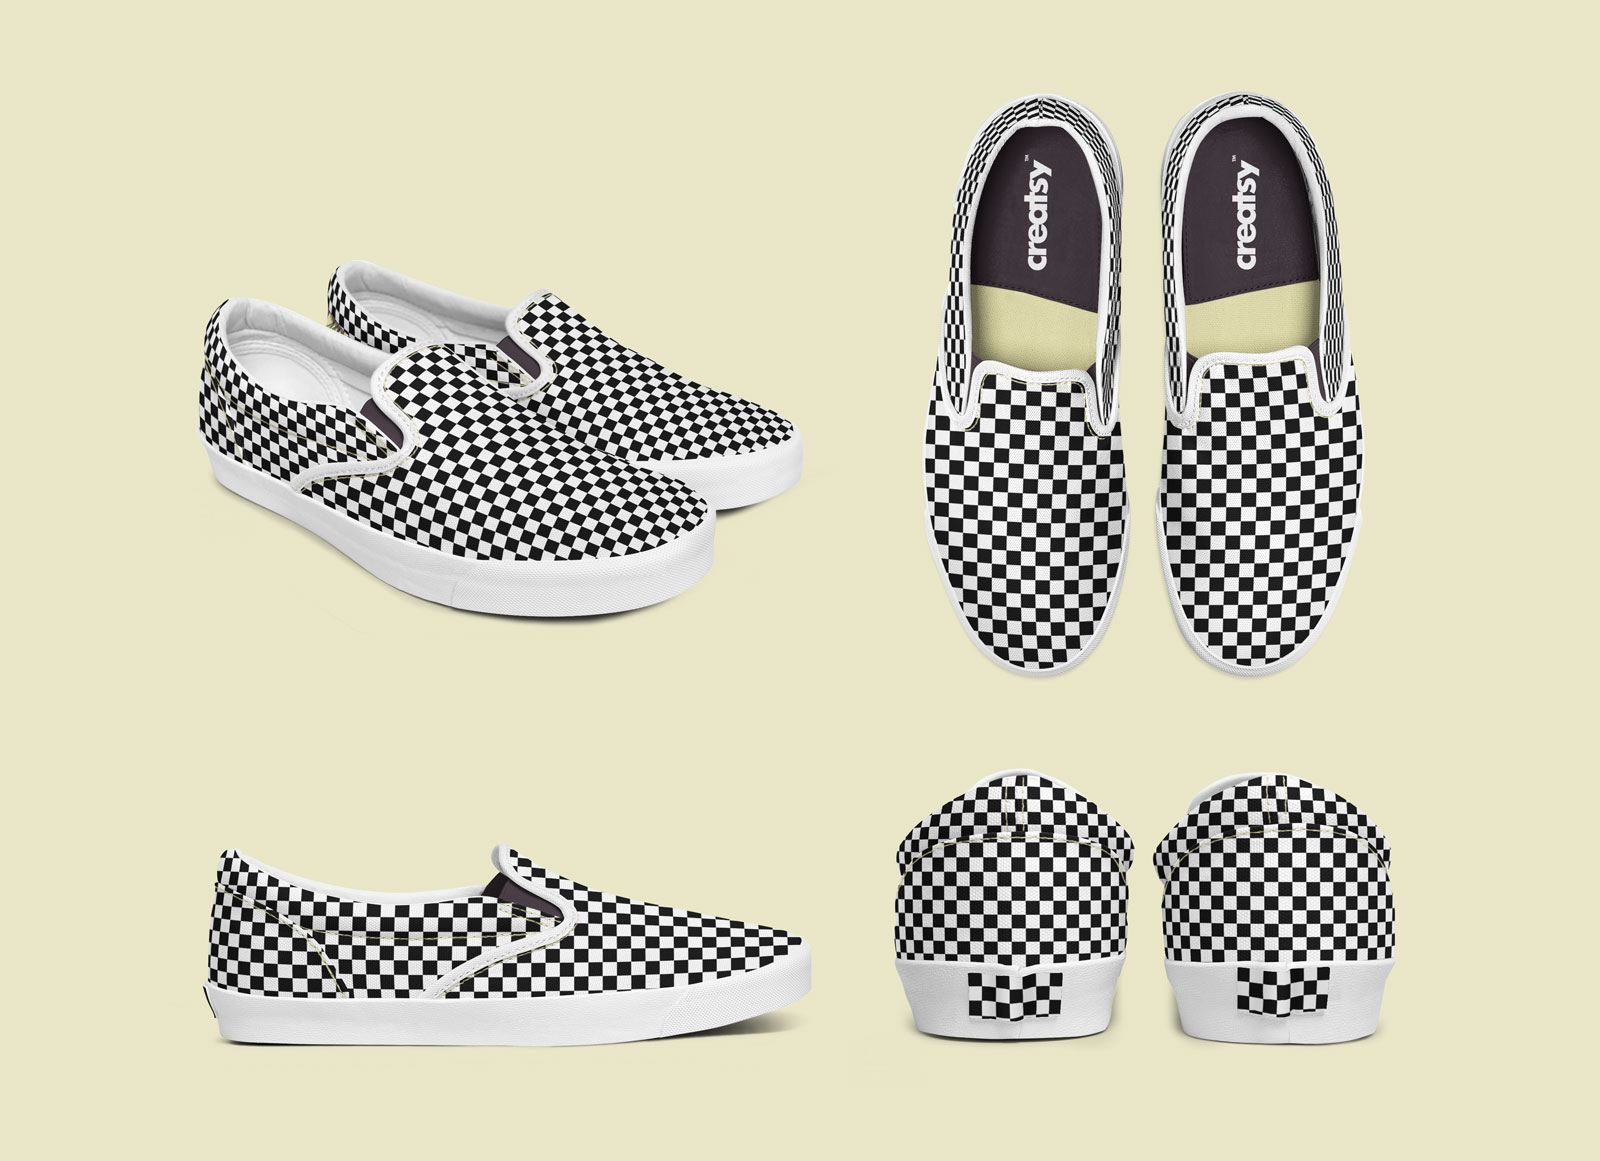 캔버스 슬립온 신발 목업 Mockup PSD파일